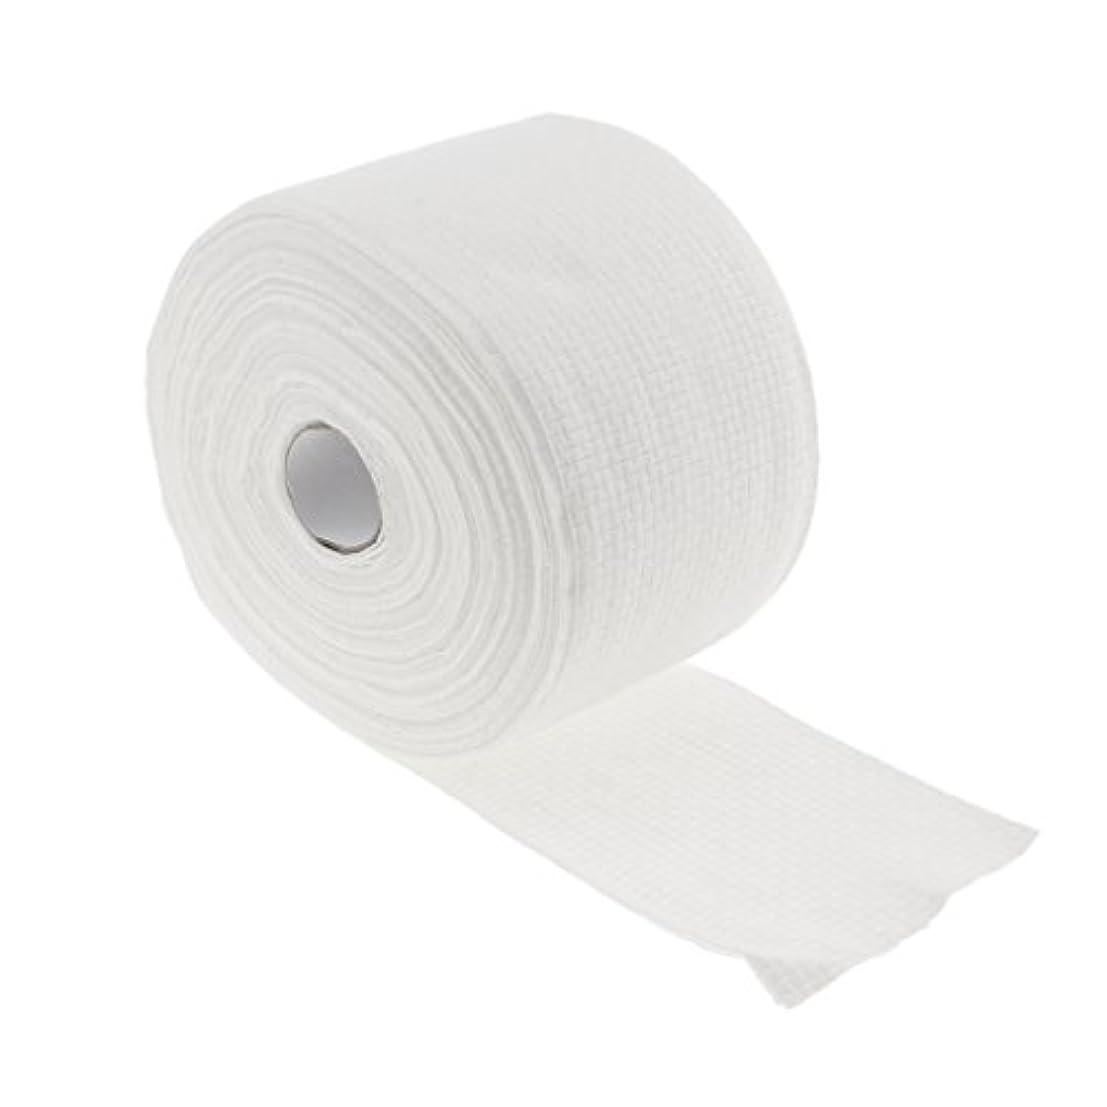 過敏な証人コカイン1ロール30メートル使い捨てタオル繊維クレンジングフェイシャルワイプメイクリムーバー - #1